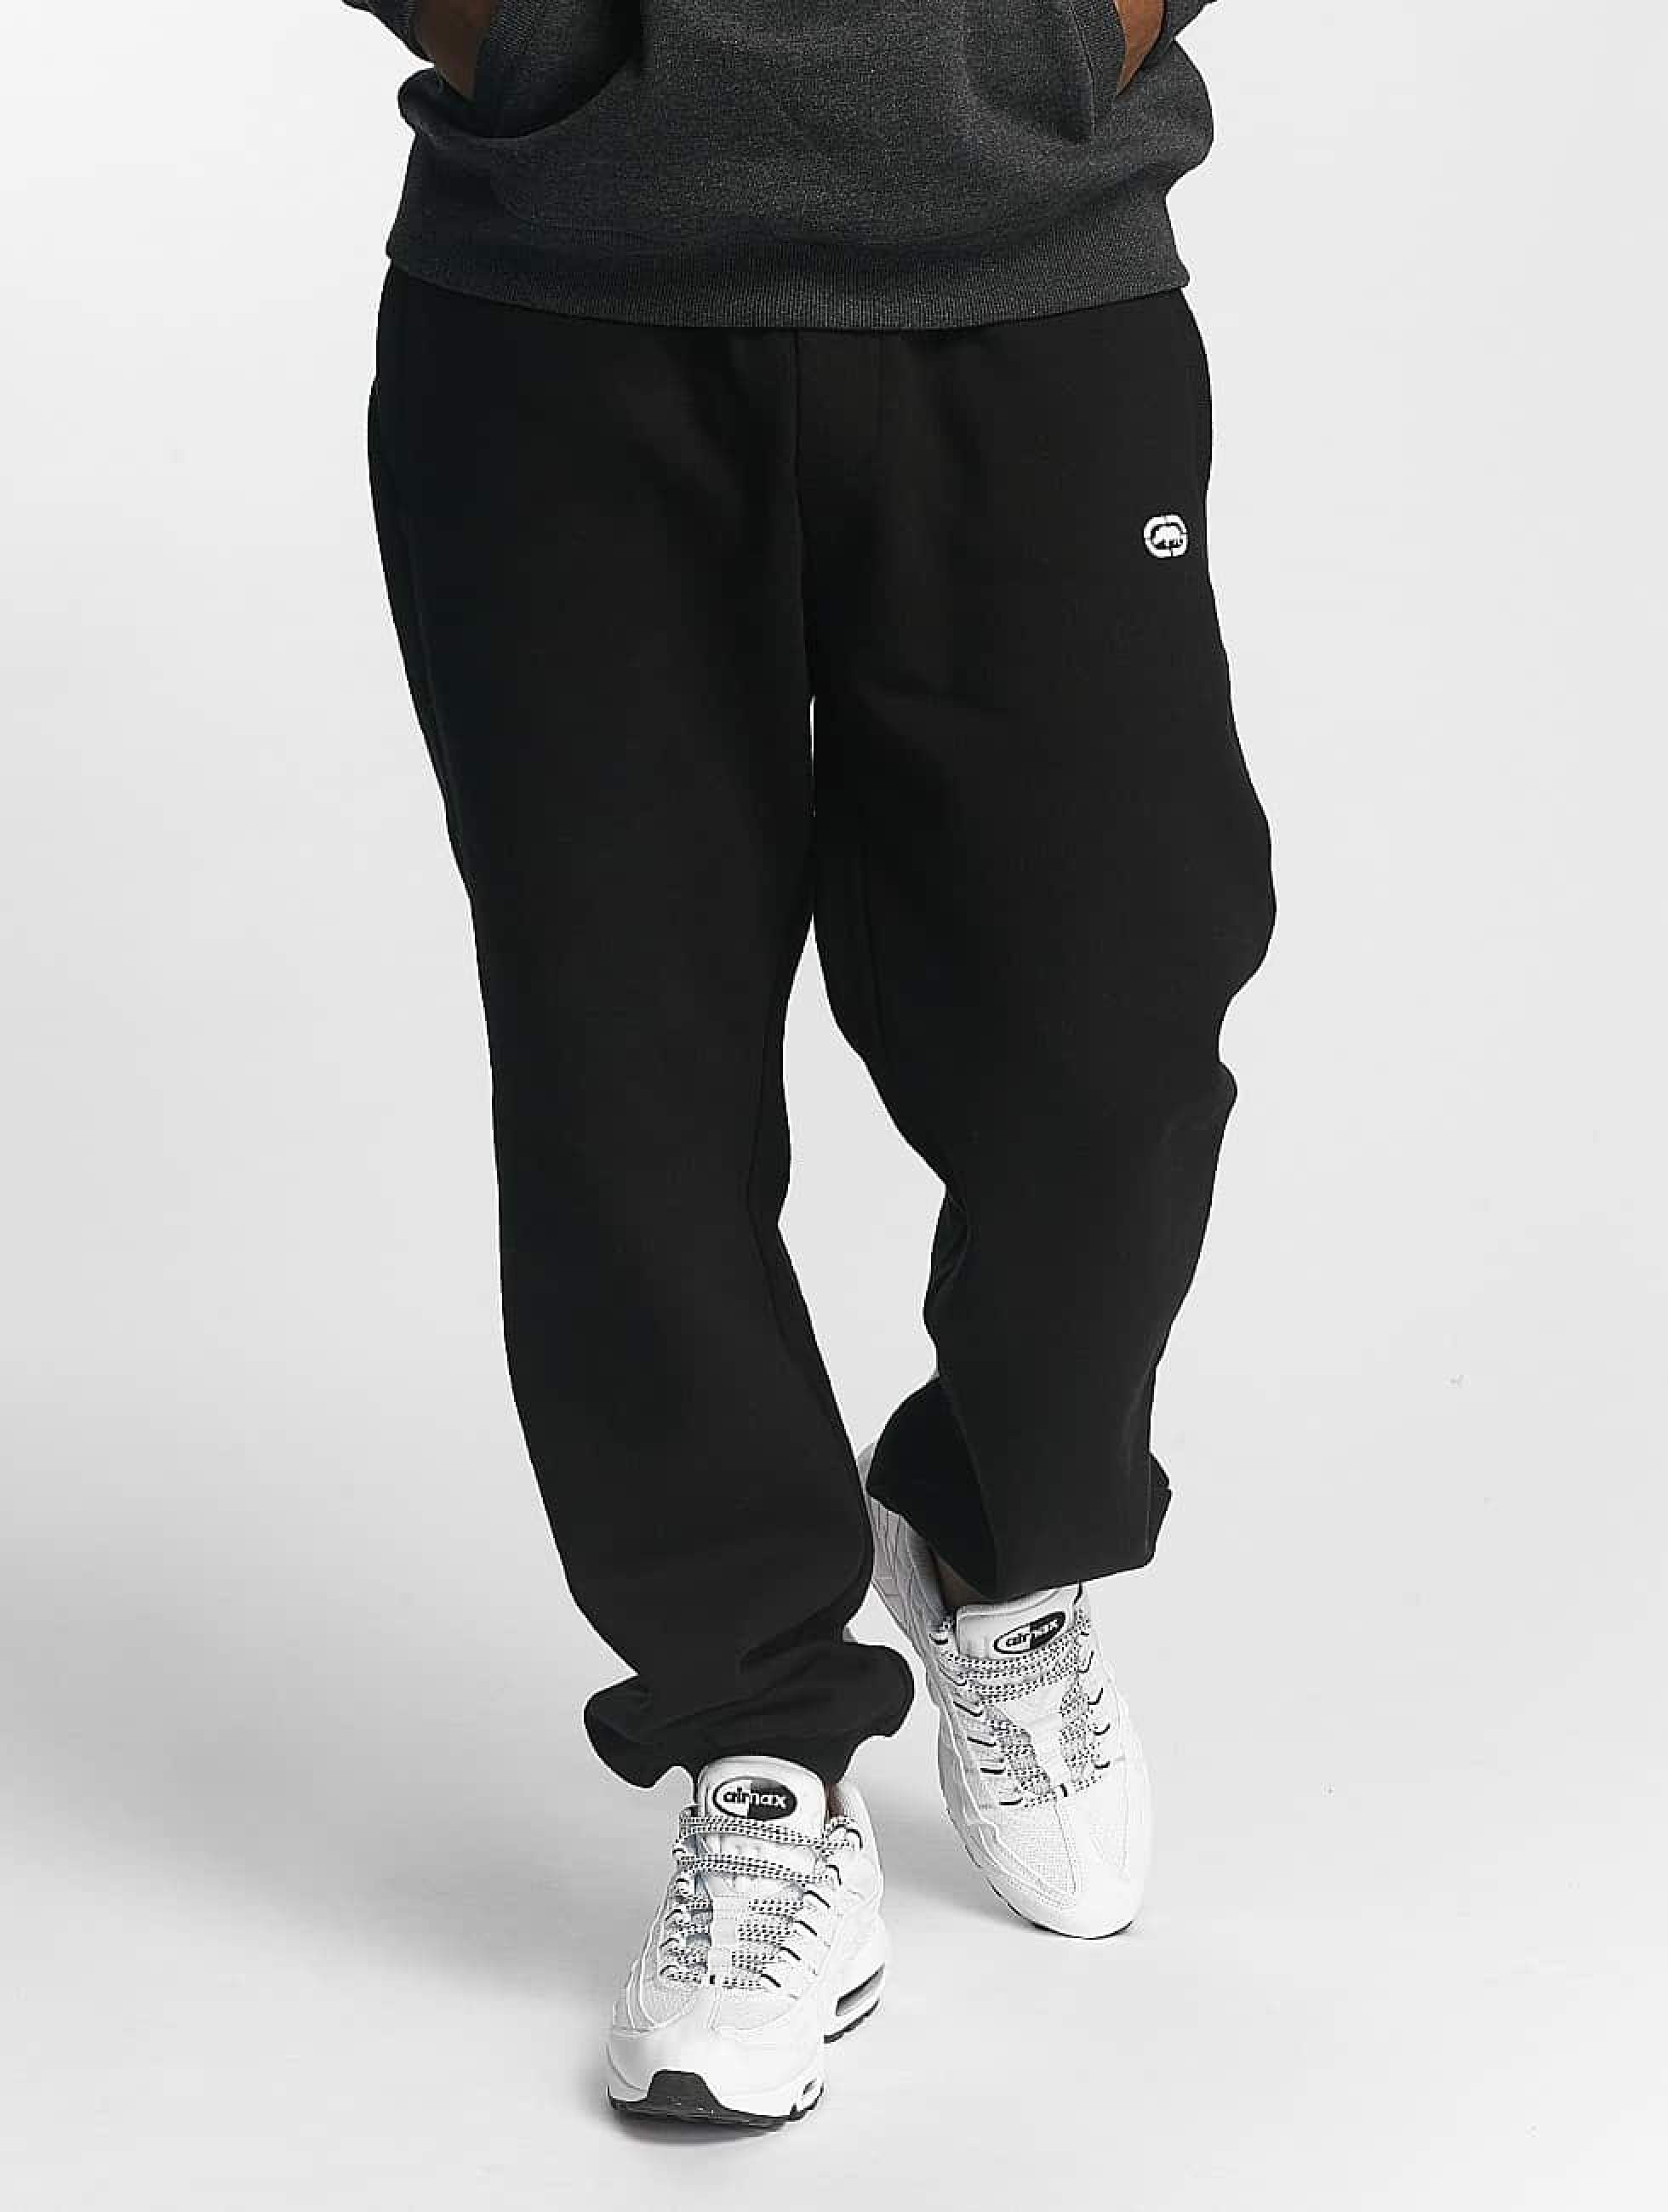 Ecko Unltd. / Sweat Pant Base in black 4XL